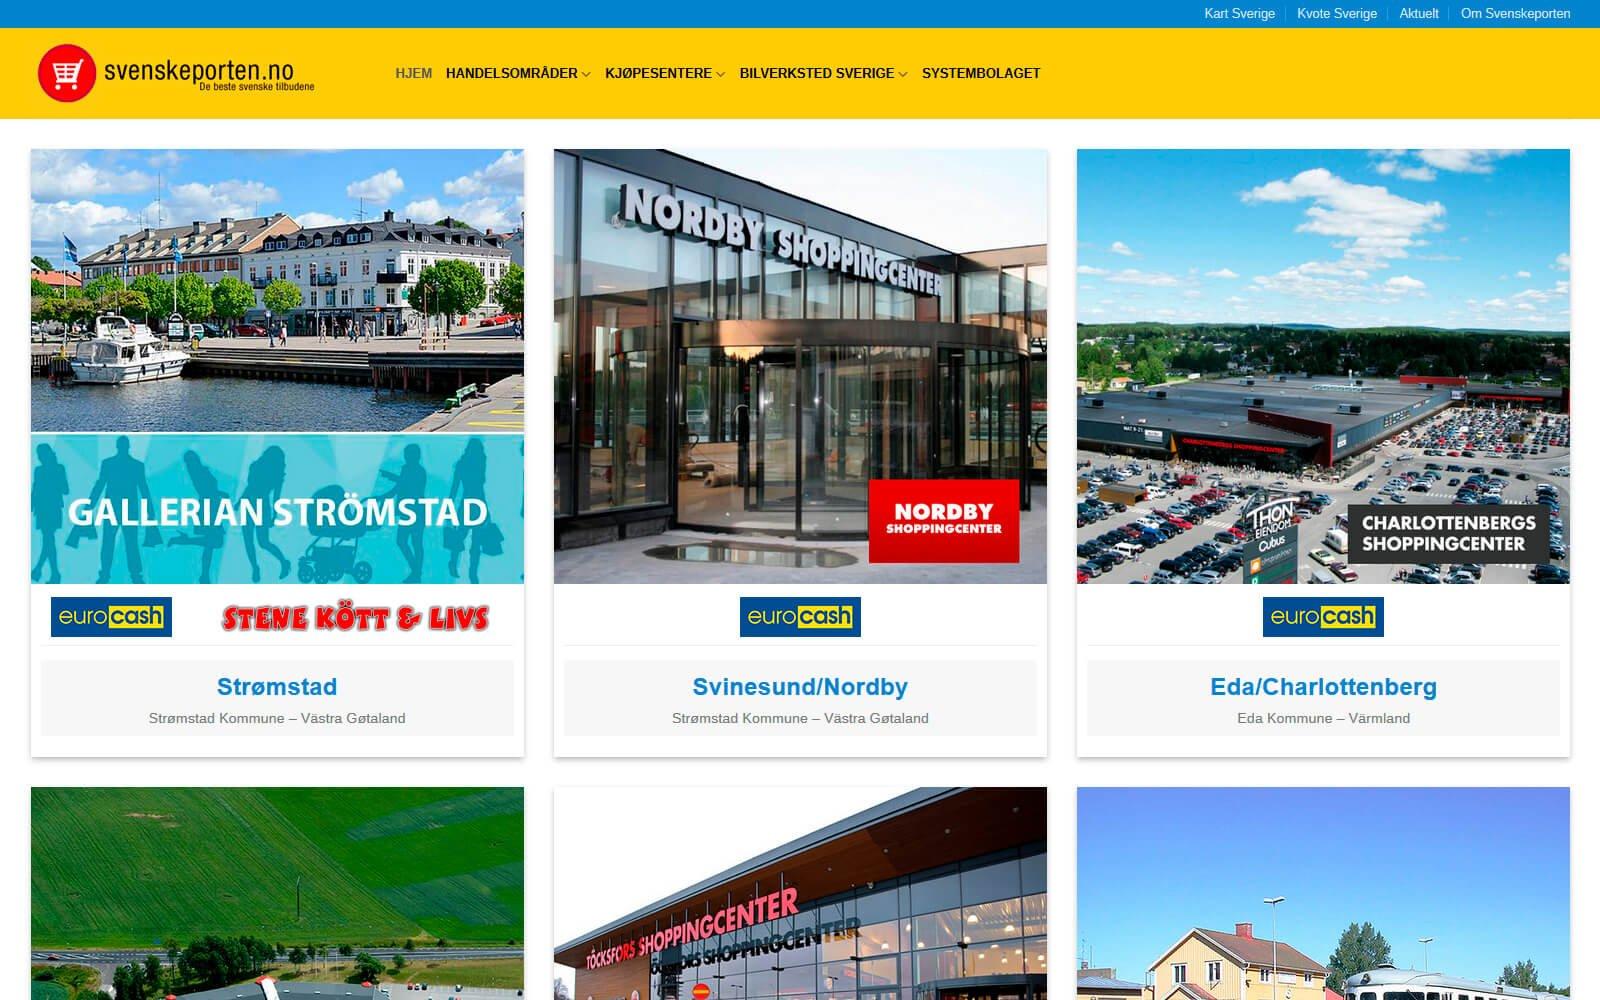 Svenskeporten webside